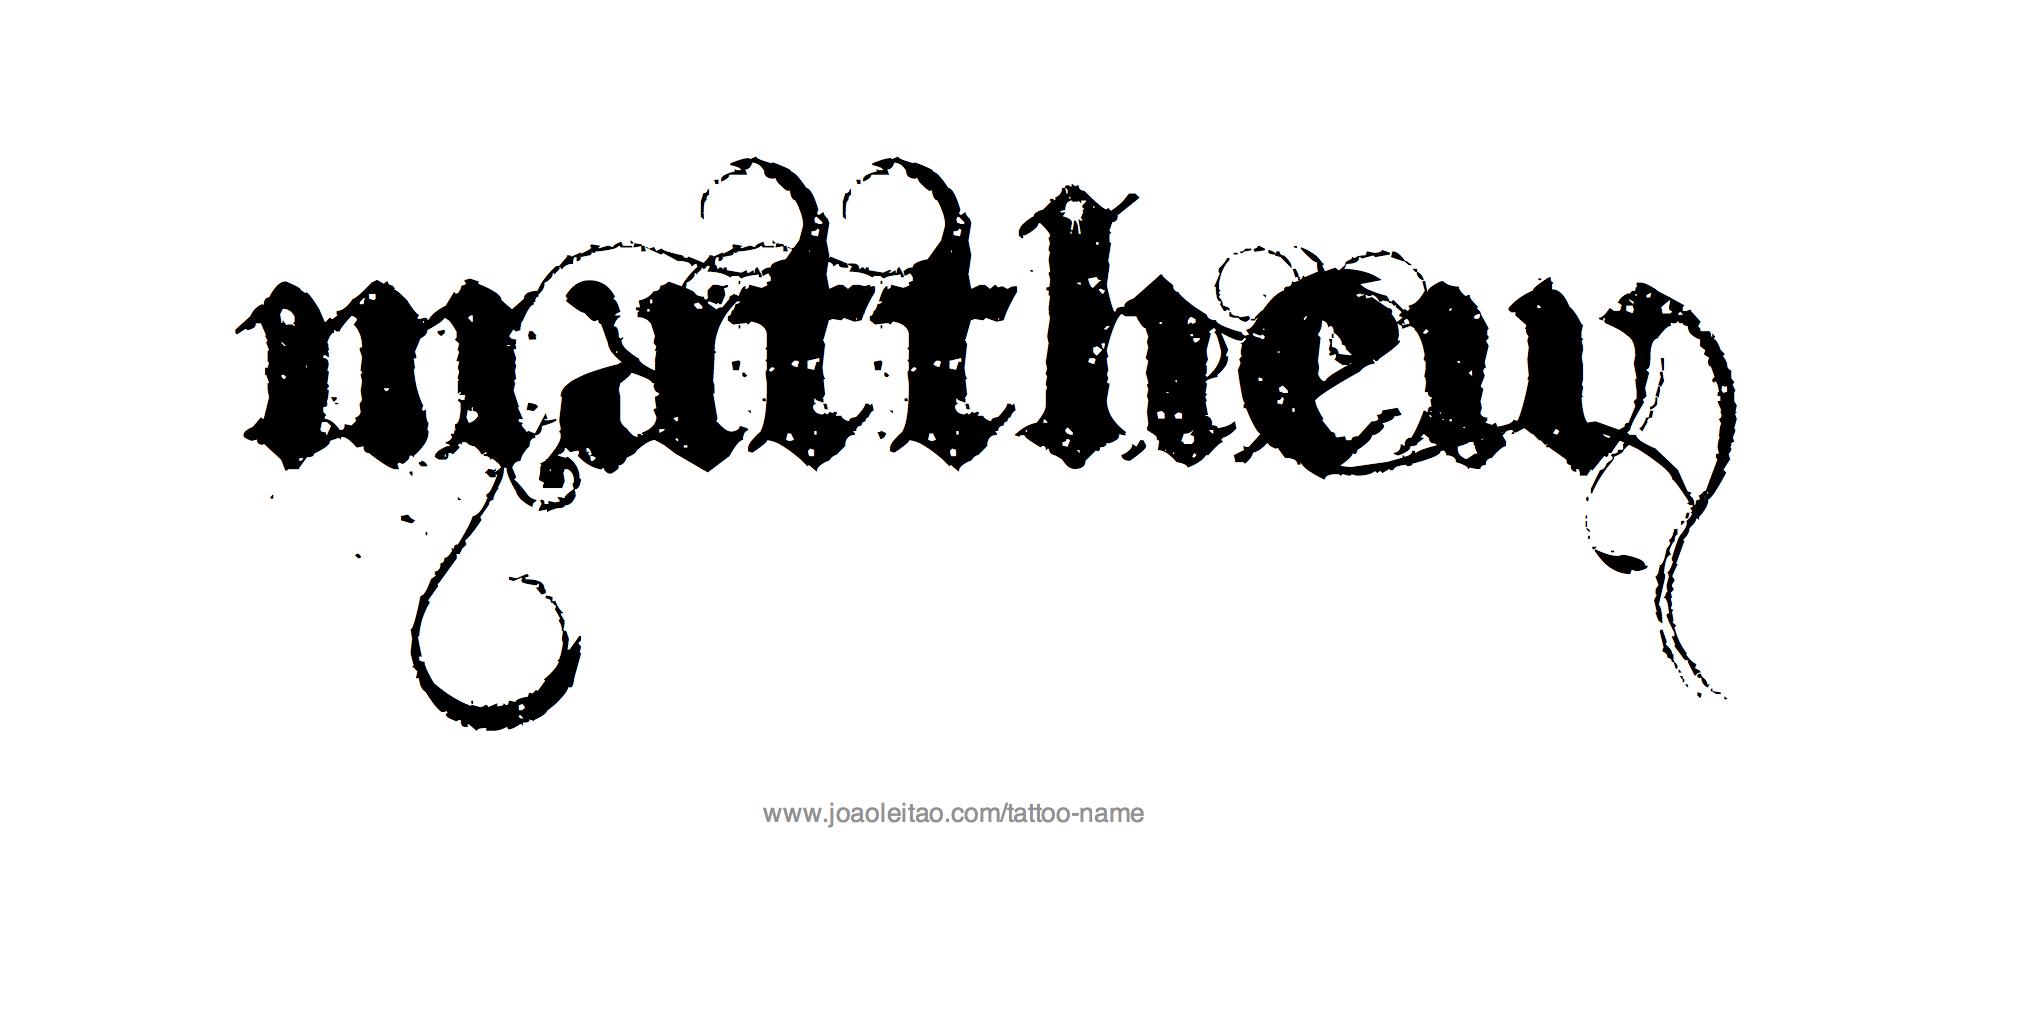 Matthew Name Tattoo Designs Name Tattoos Name Tattoo Designs Tattoo Designs